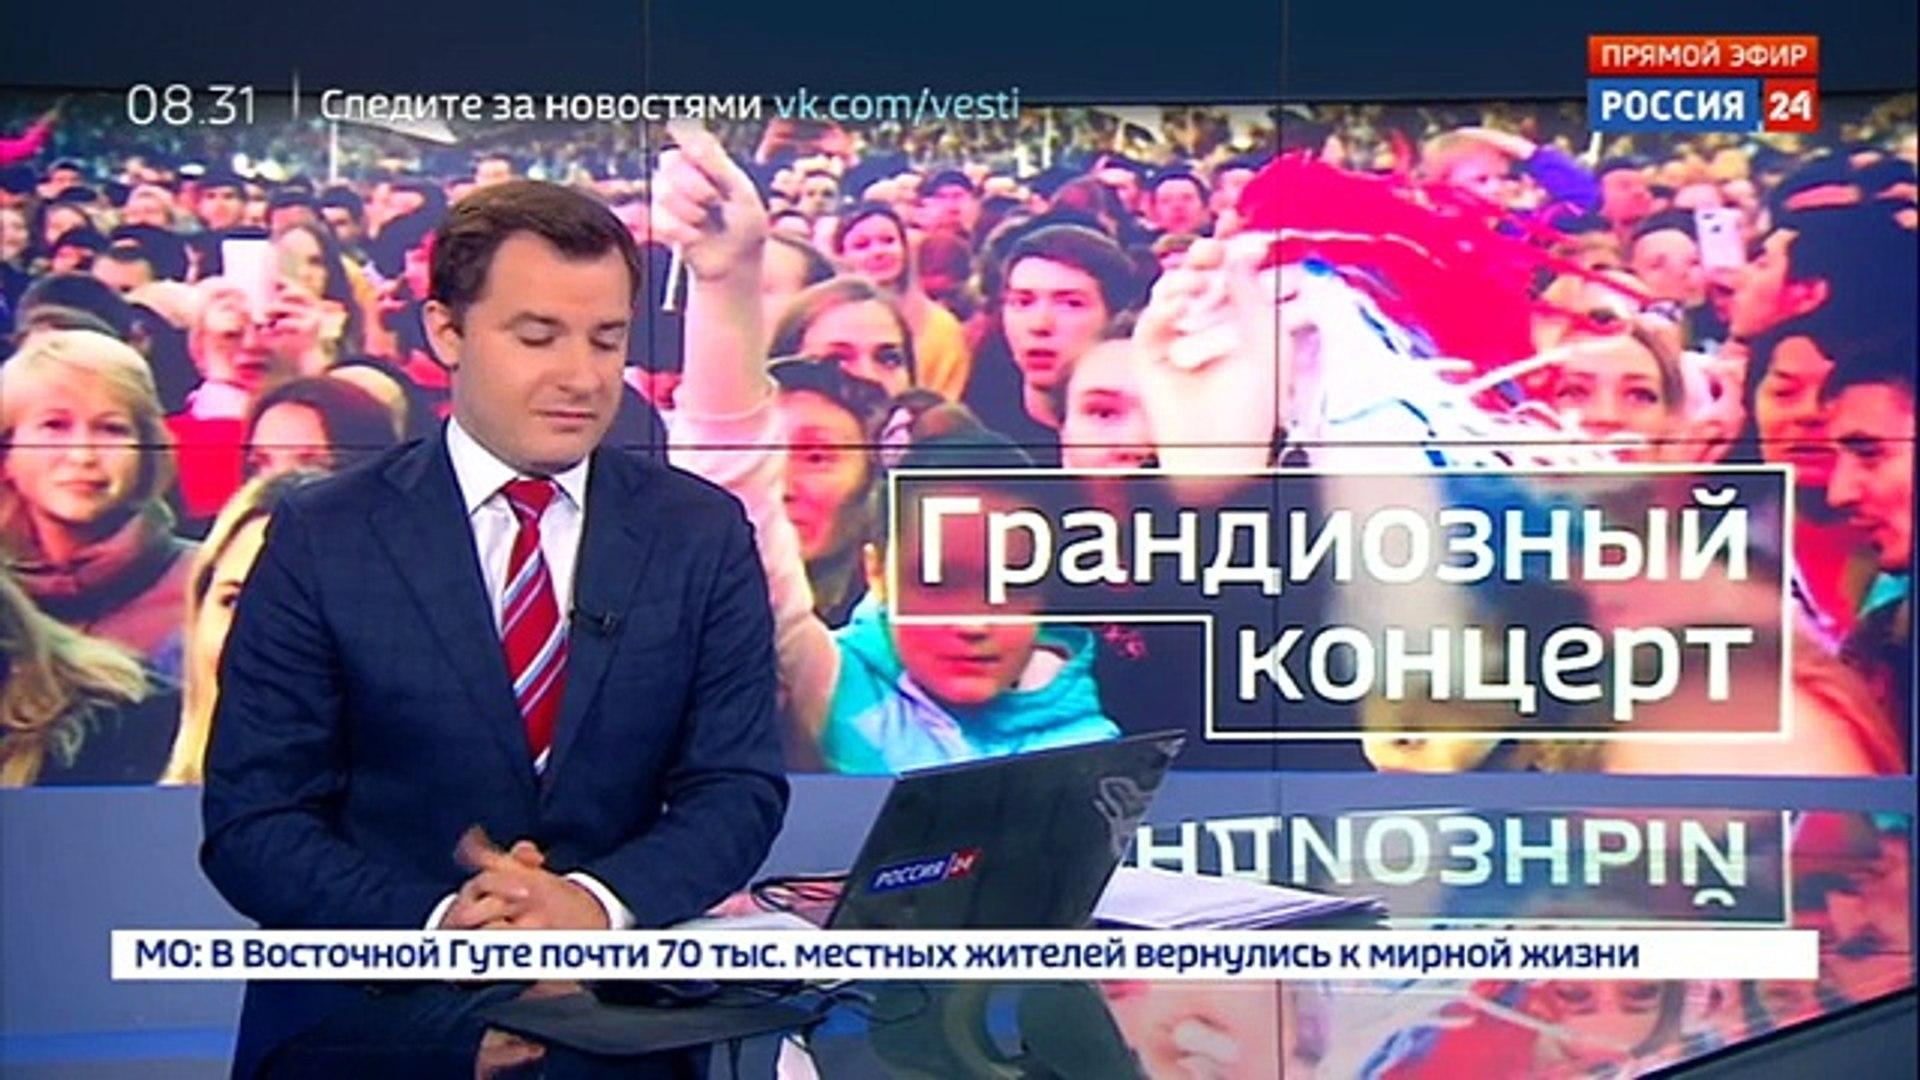 Грандиозный концерт в честь Дня России состоялся на Красной площади